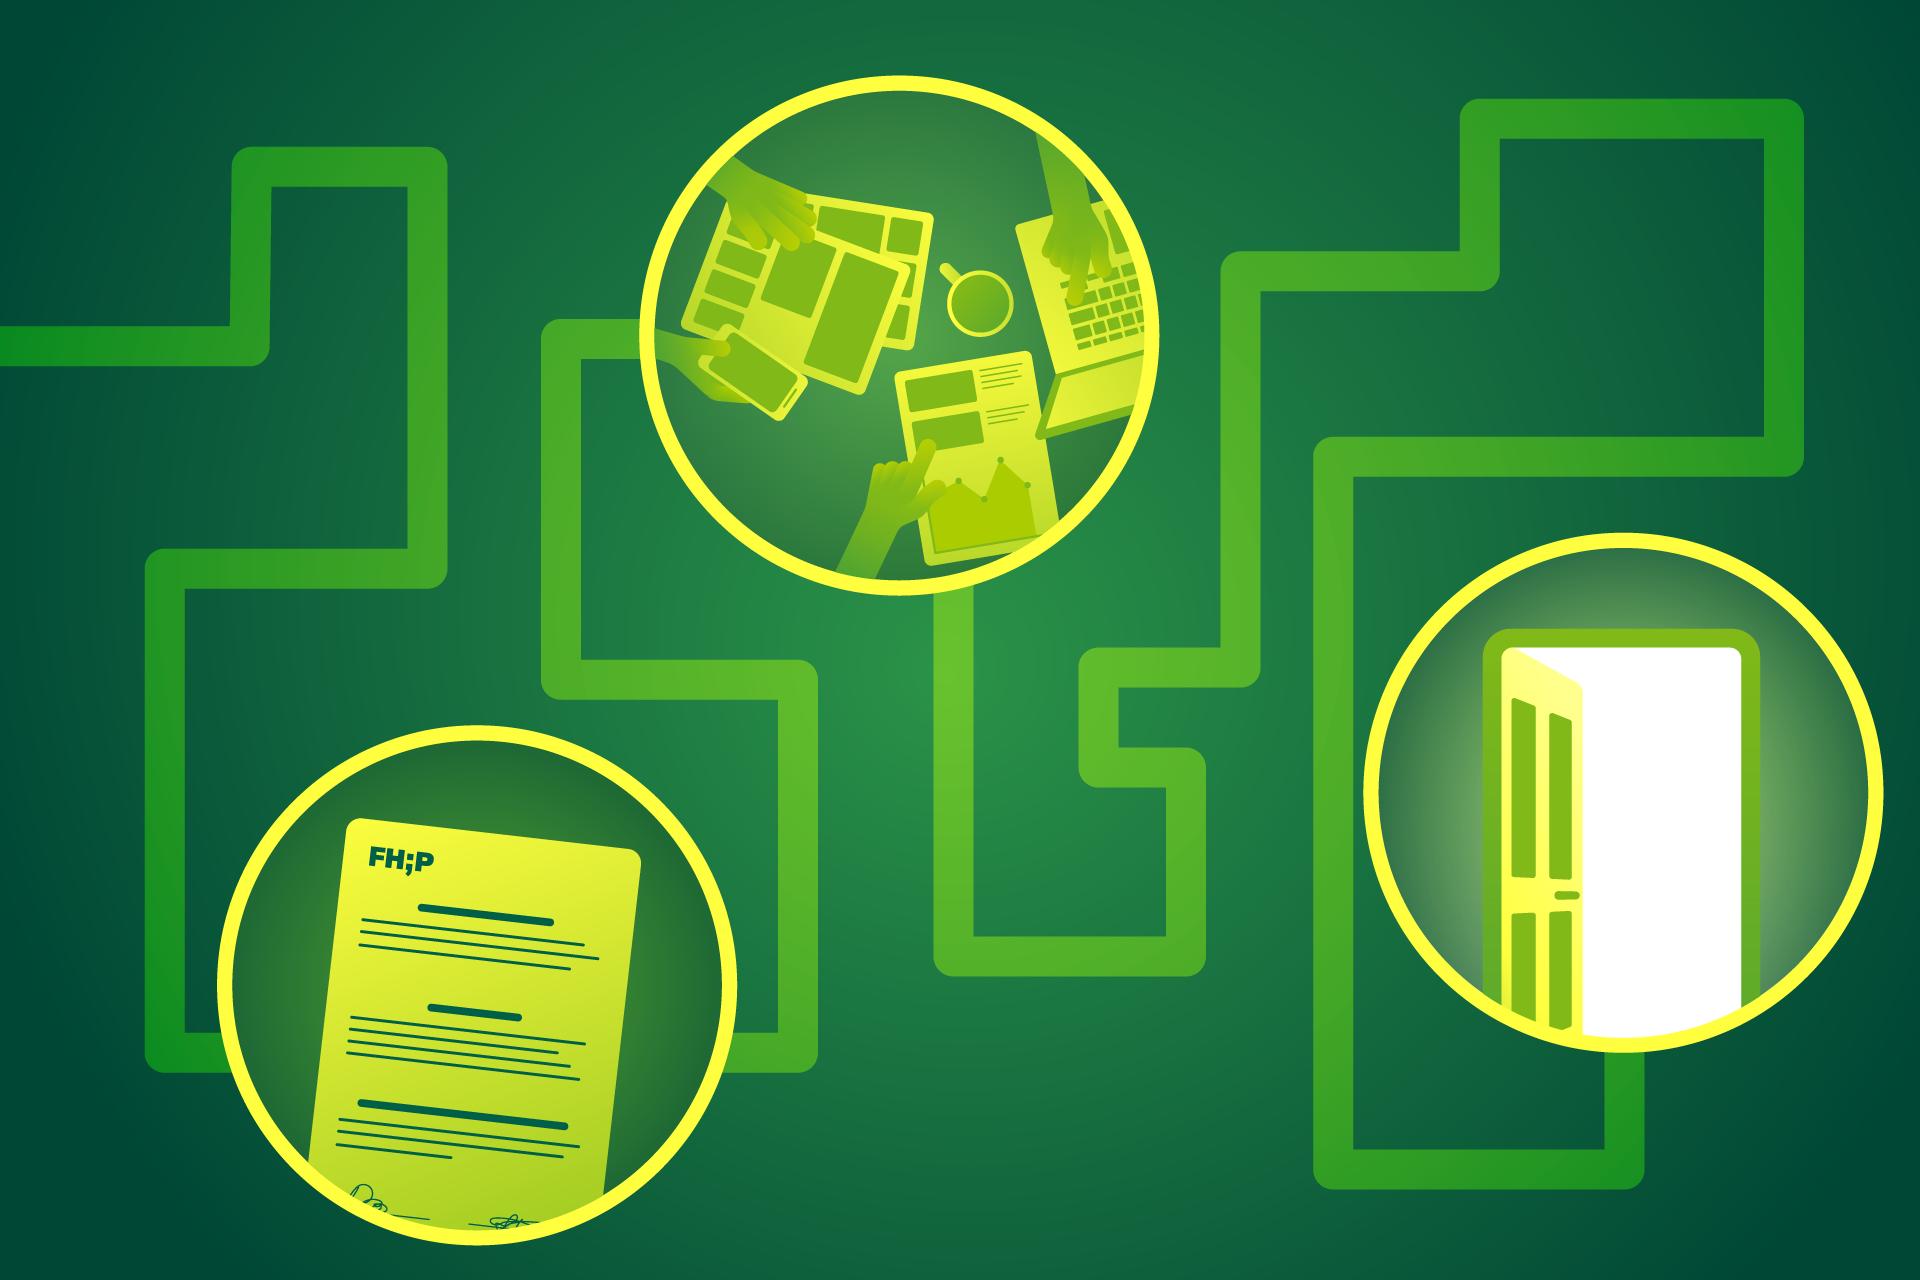 Grafik: ein labyrinthischer Weg mit drei Stationen, darunter ein Praktikumsvertrag, das Praktikum selbst und am Ende eine offene Tür.